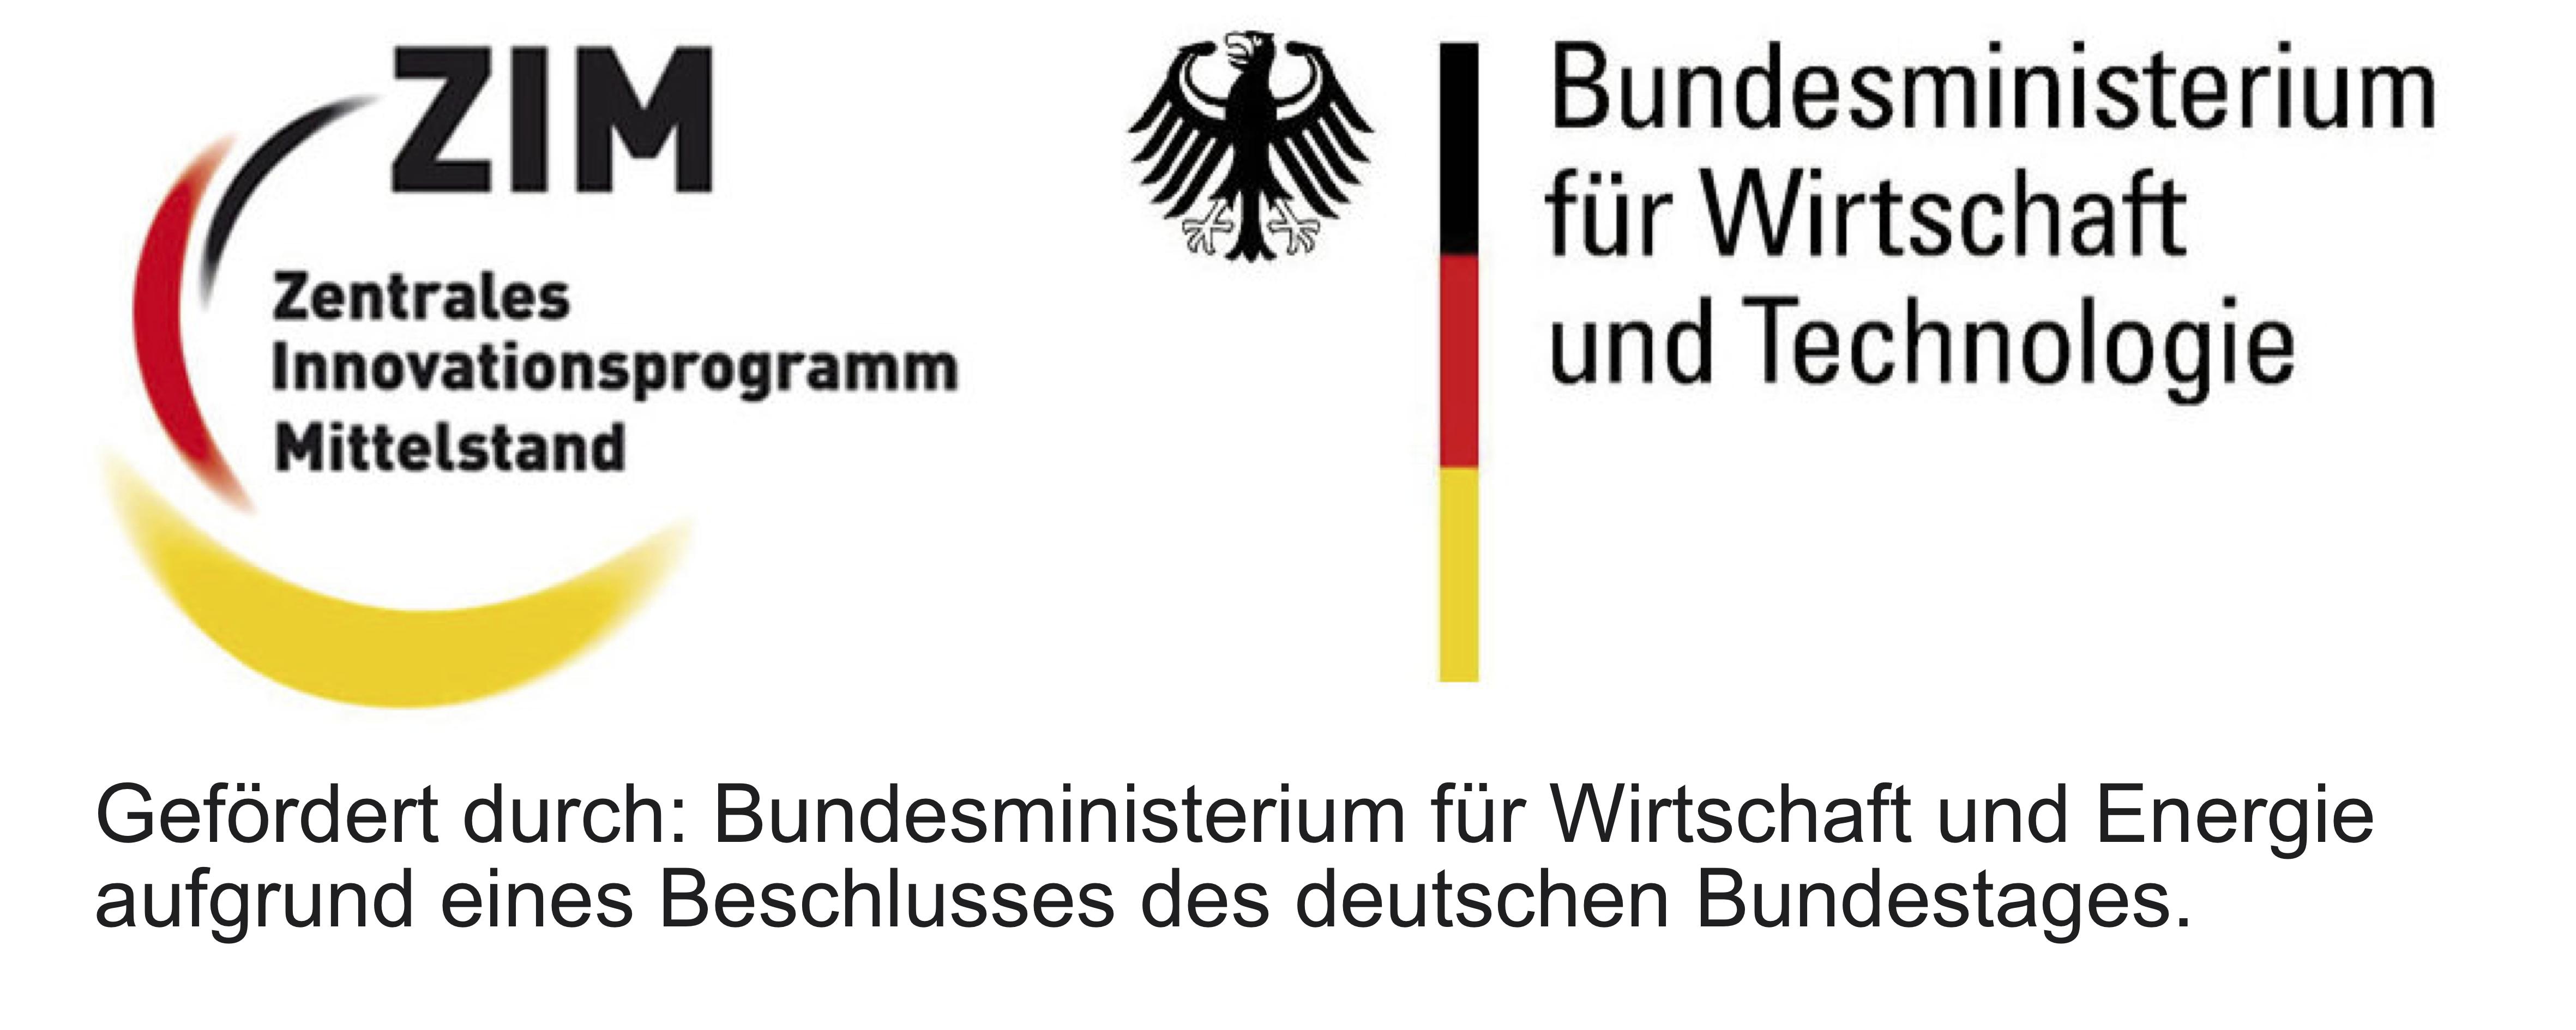 Logo: ZIM – Zentrales Innovationsprogramm Mittelstand des Bundesministeriums für Wirtschaft und Technologie, Energie